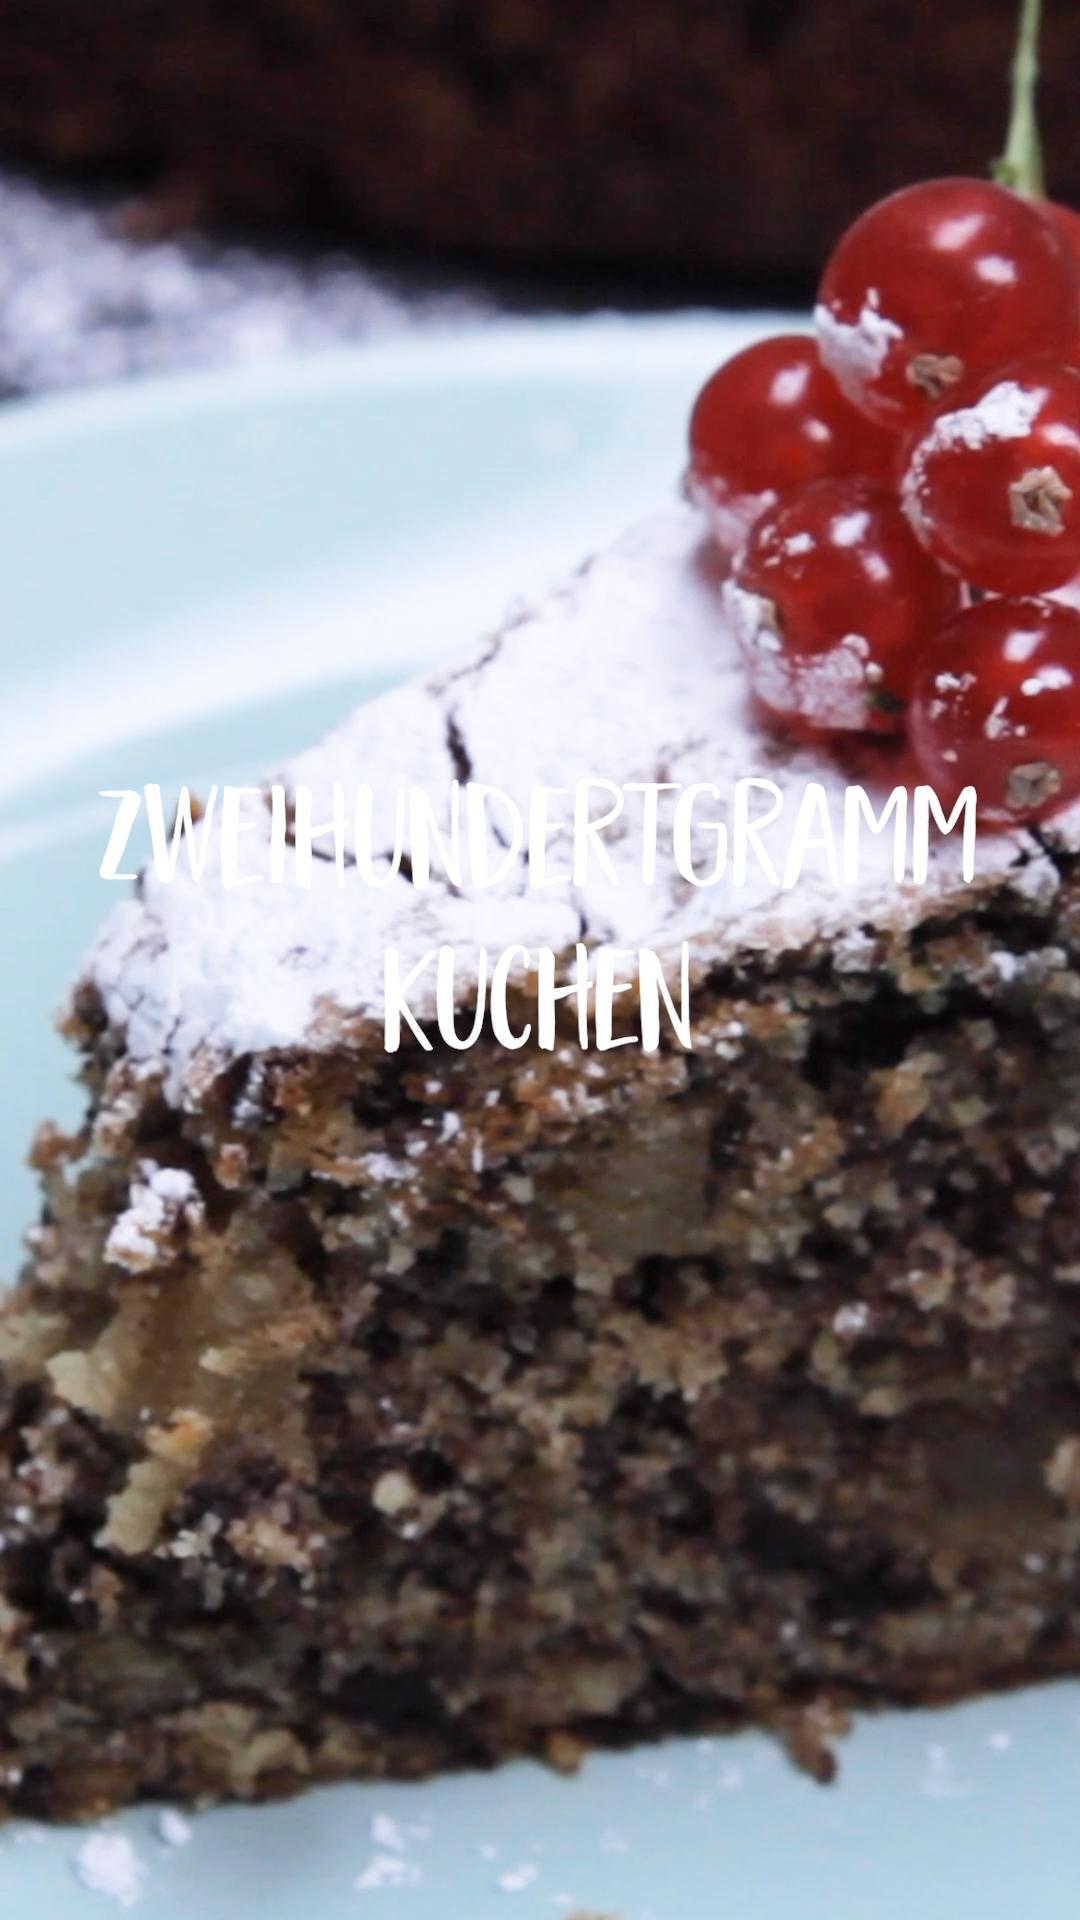 Schon vom Zweihundertgramm-Kuchen gehört?